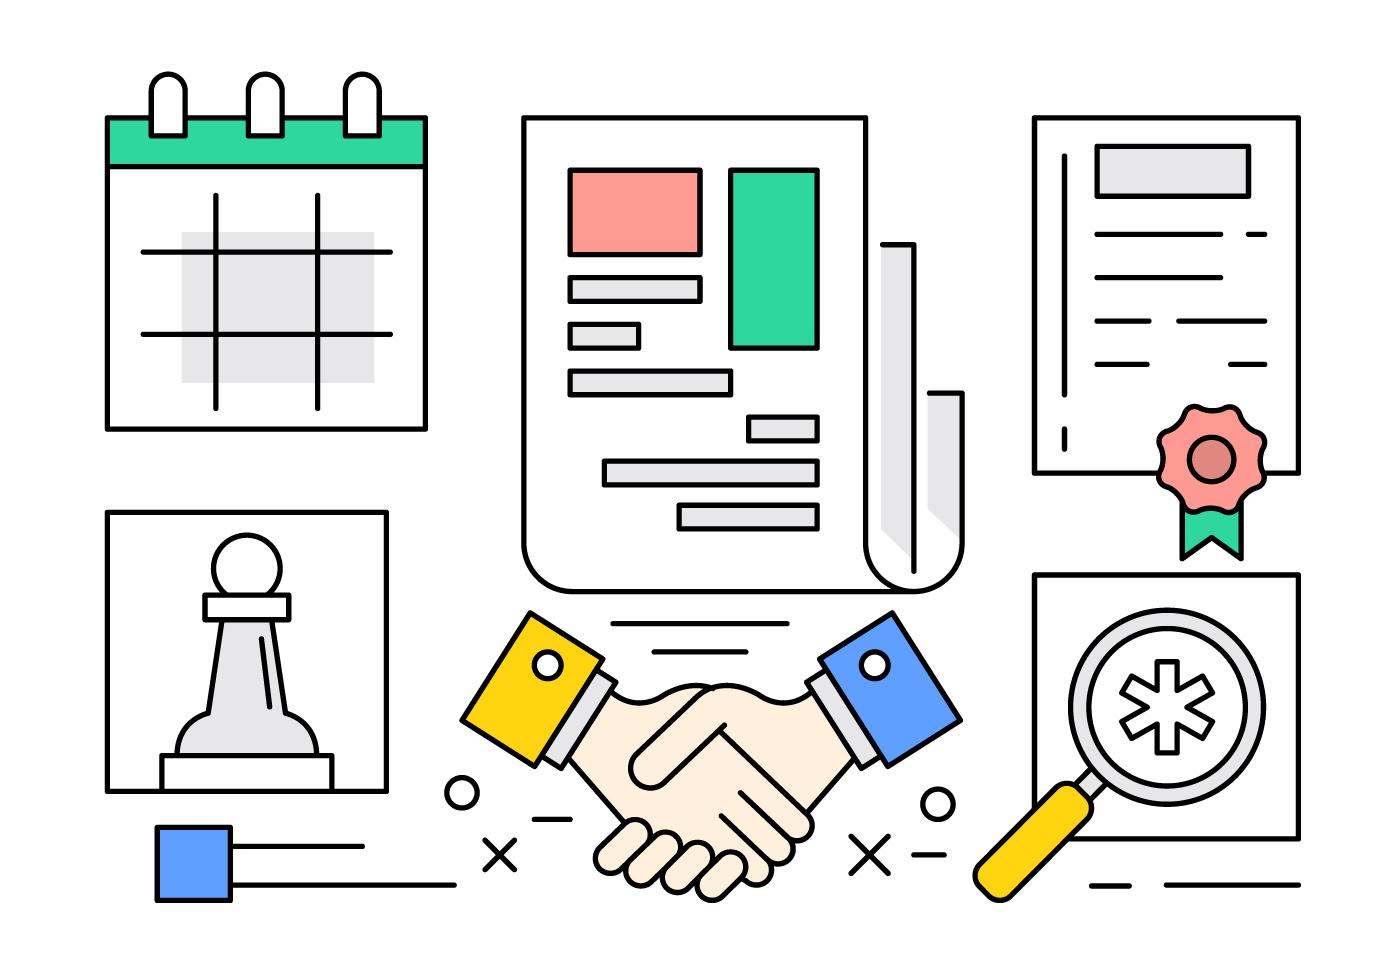 Iconos libres del reparto del negocio - Descargar Vectores